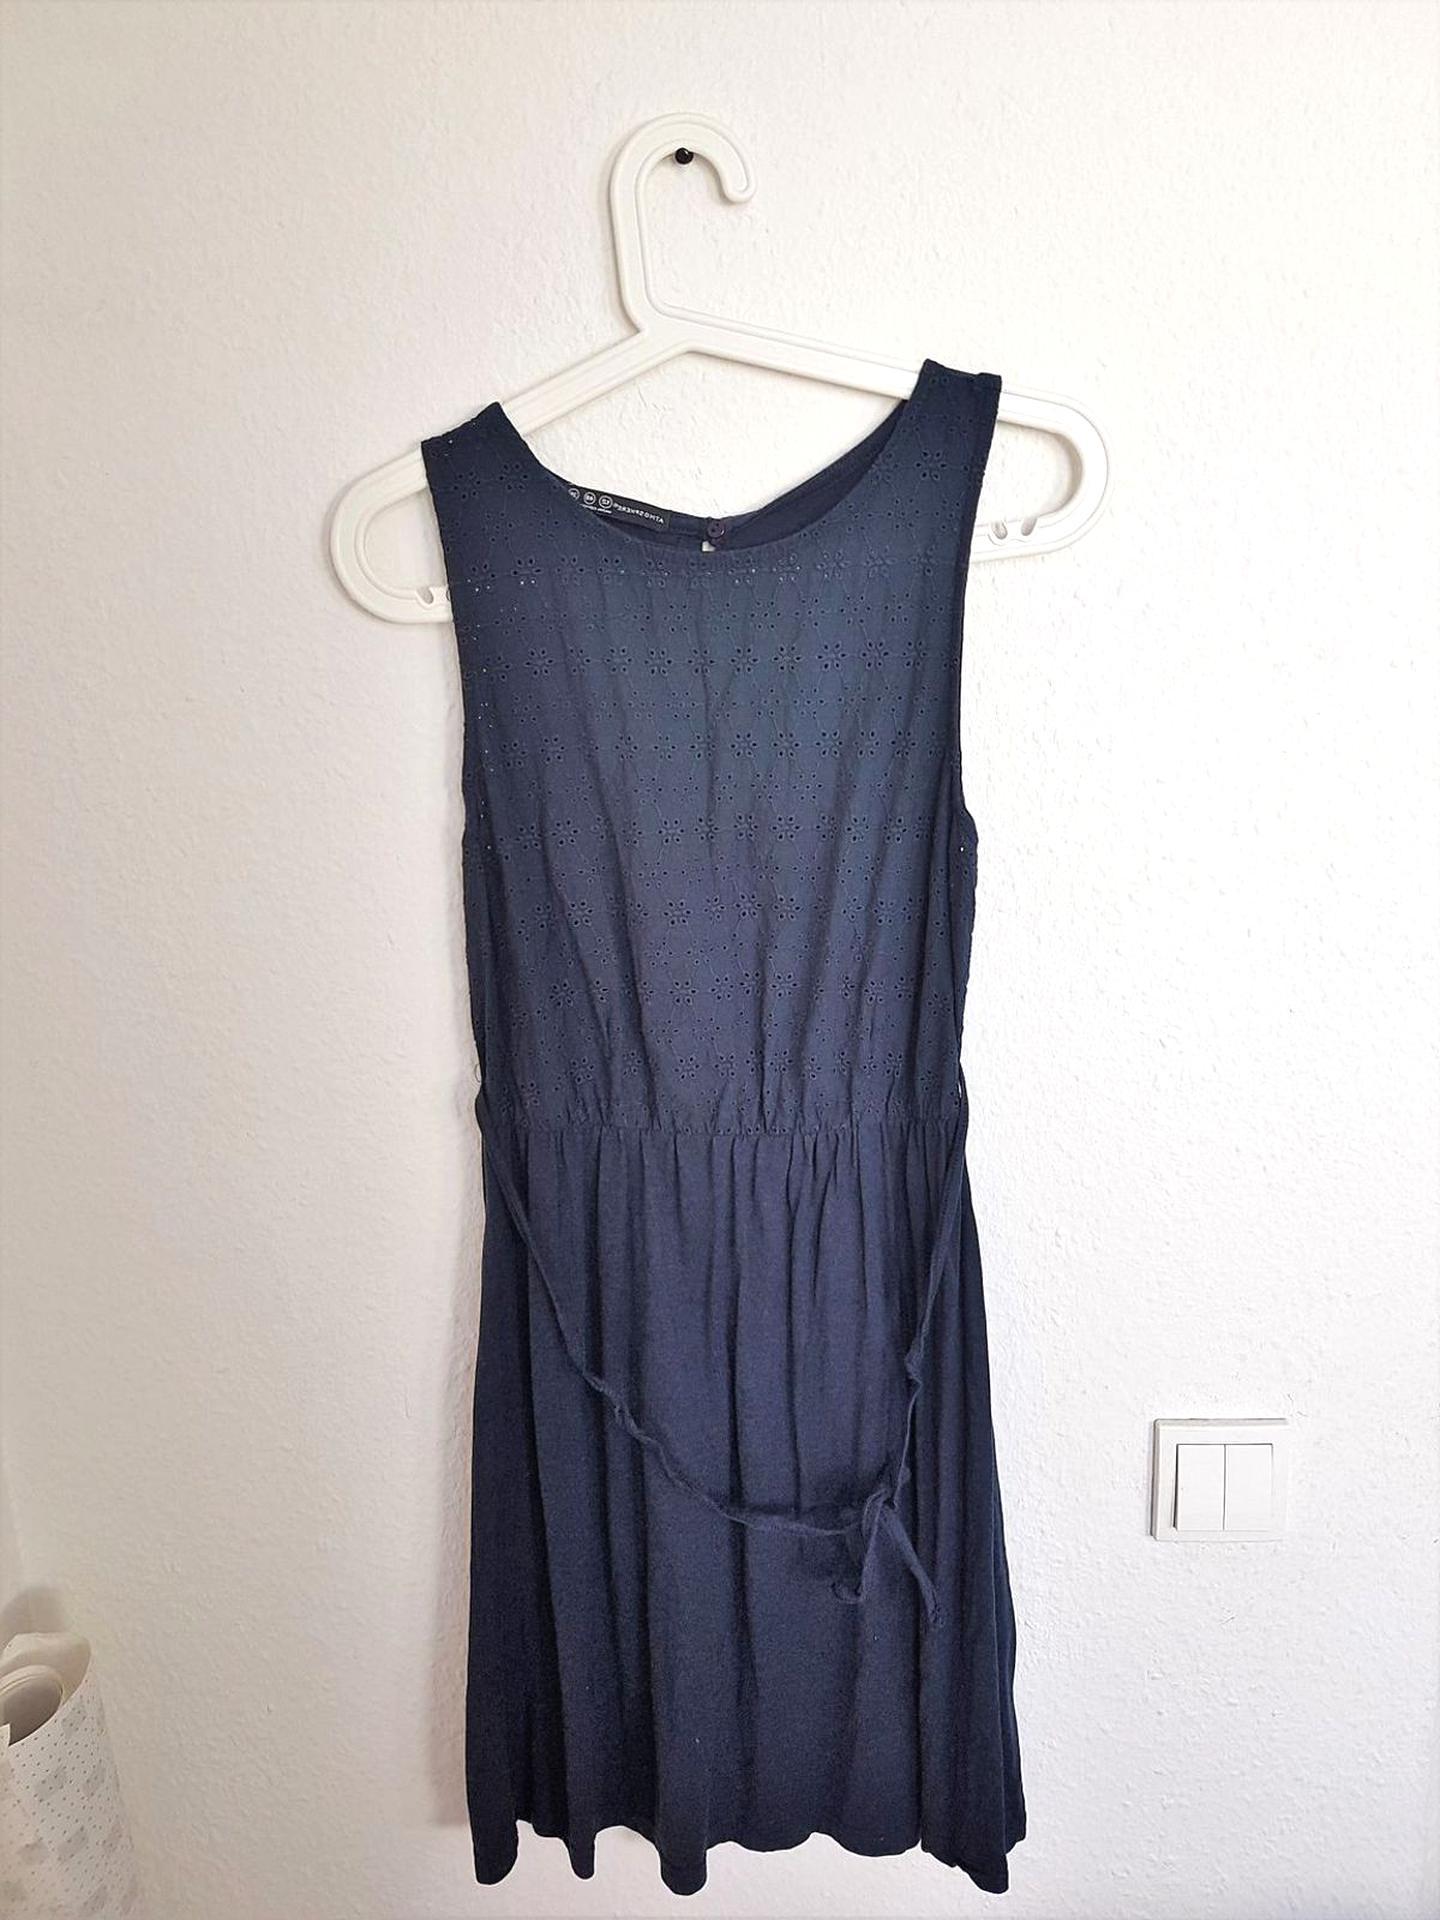 Primark Kleid gebraucht kaufen! Nur 3 St. bis -70% günstiger